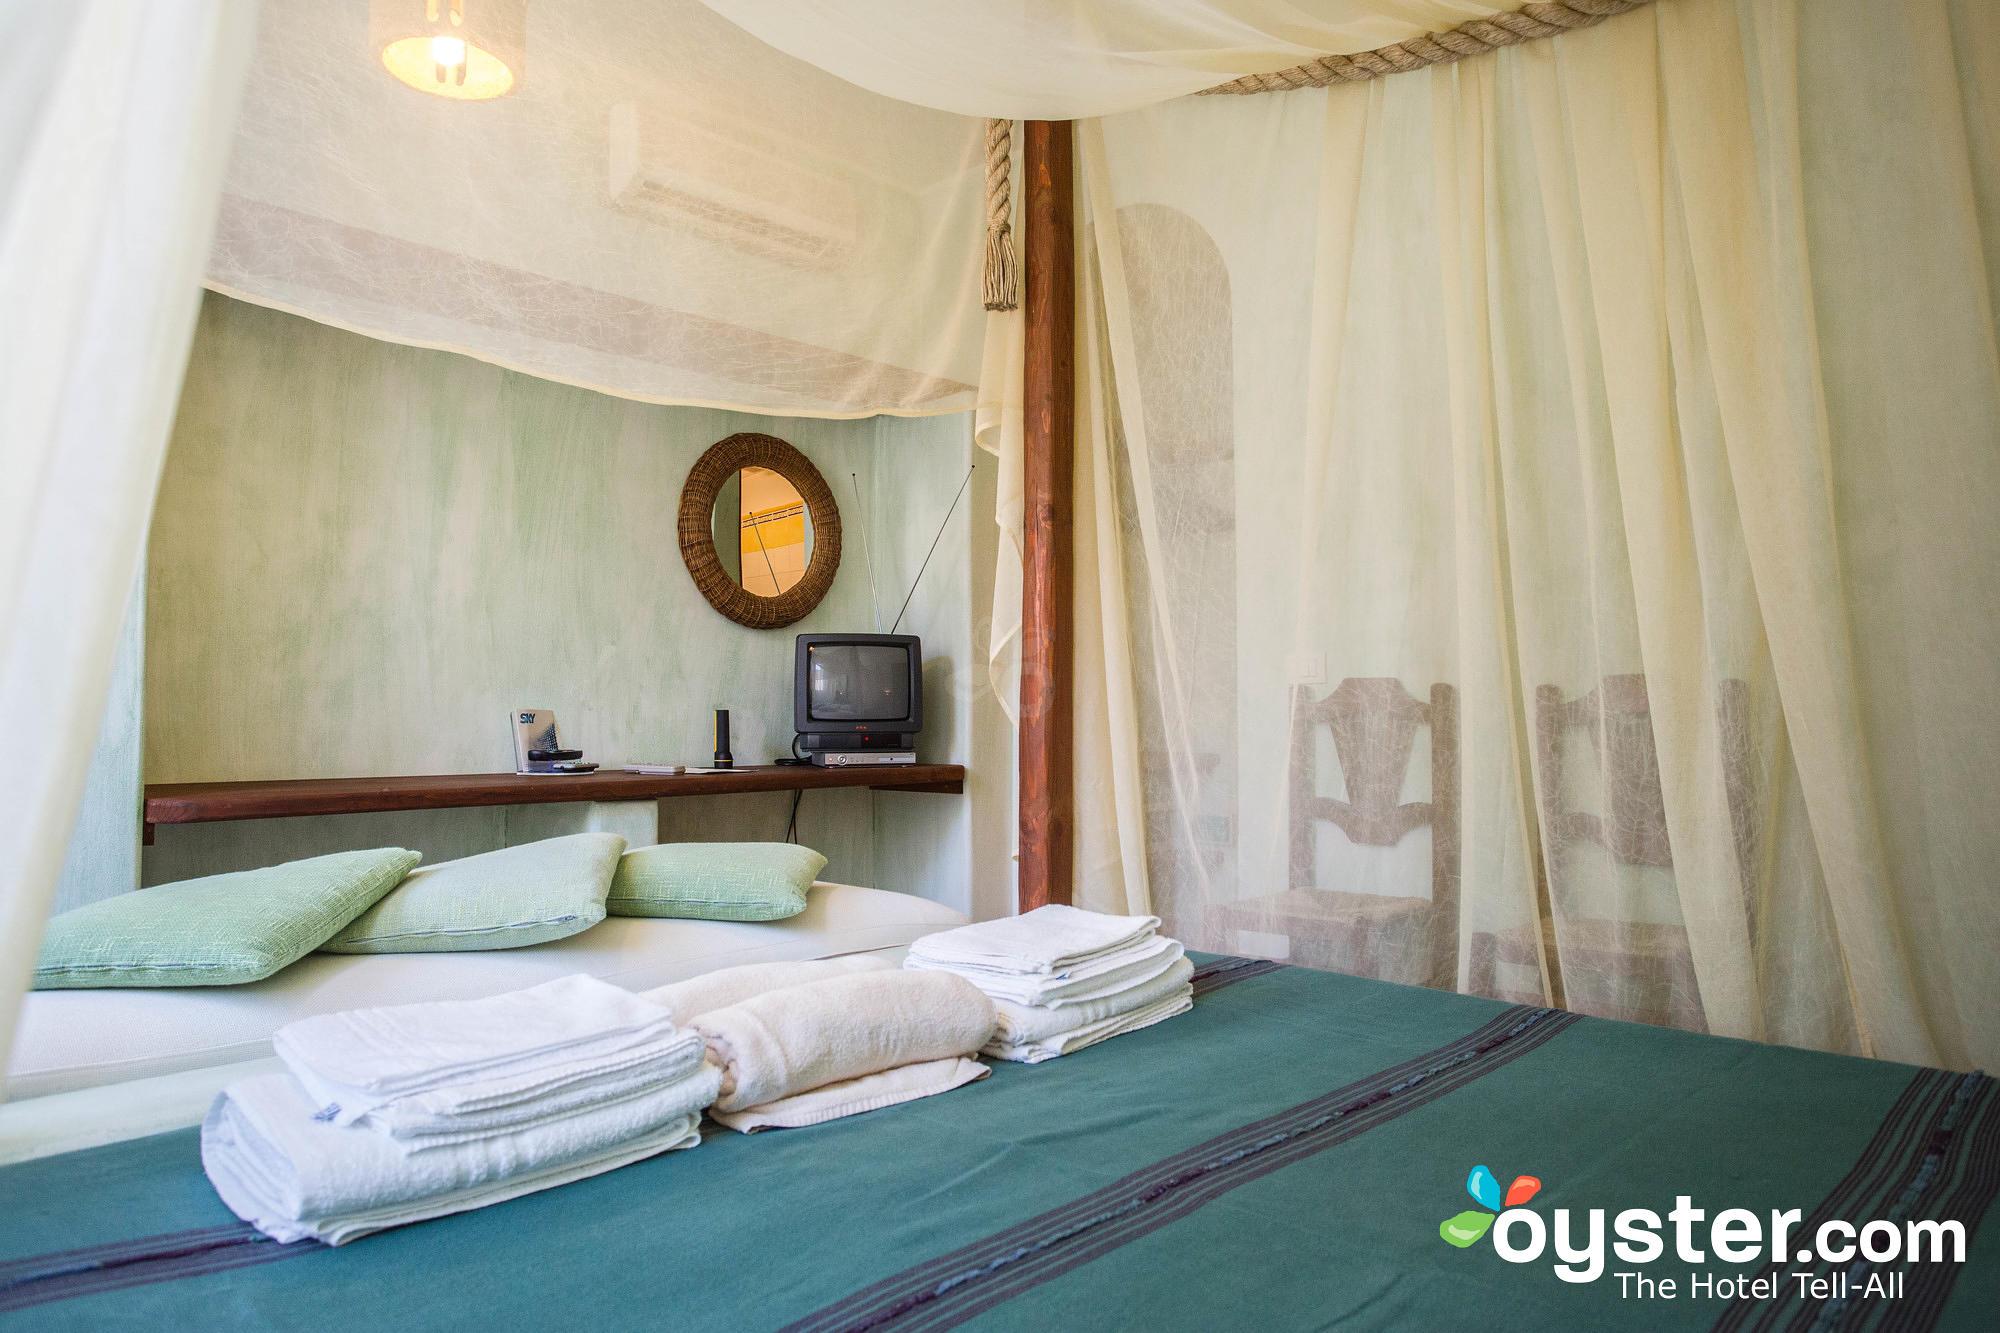 acquamarina-suite--v8591698-2000